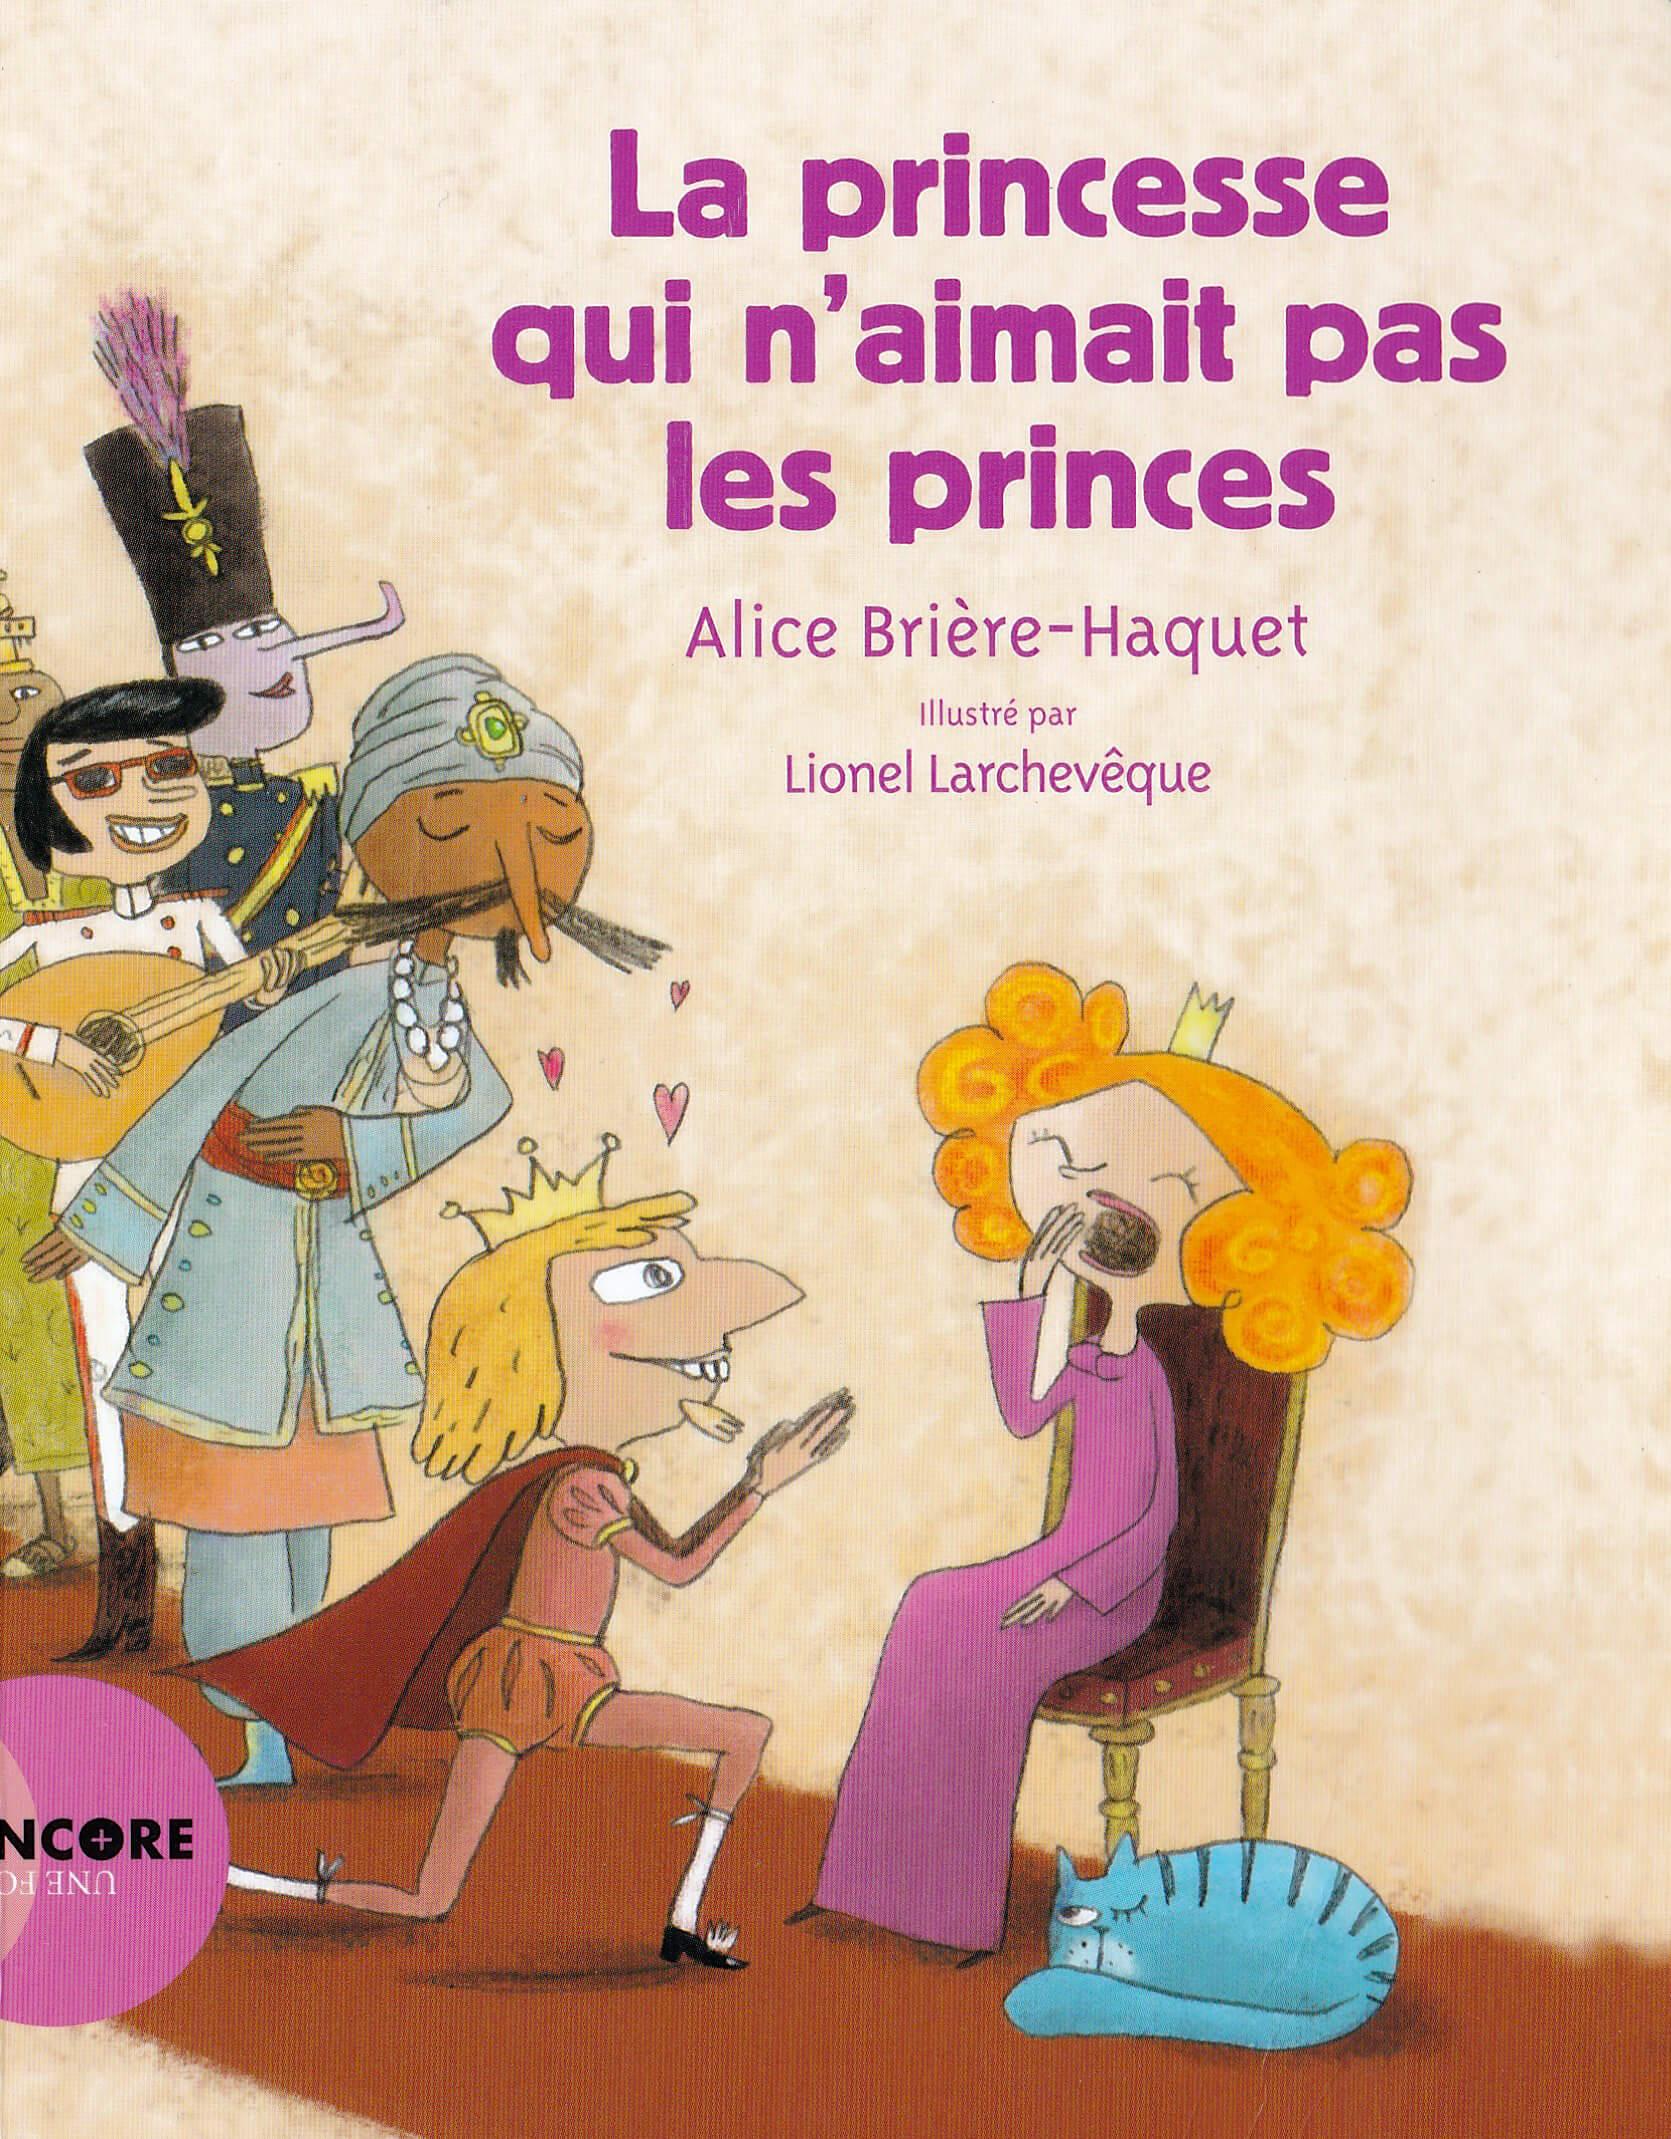 la princesse qui naimait pas les princes